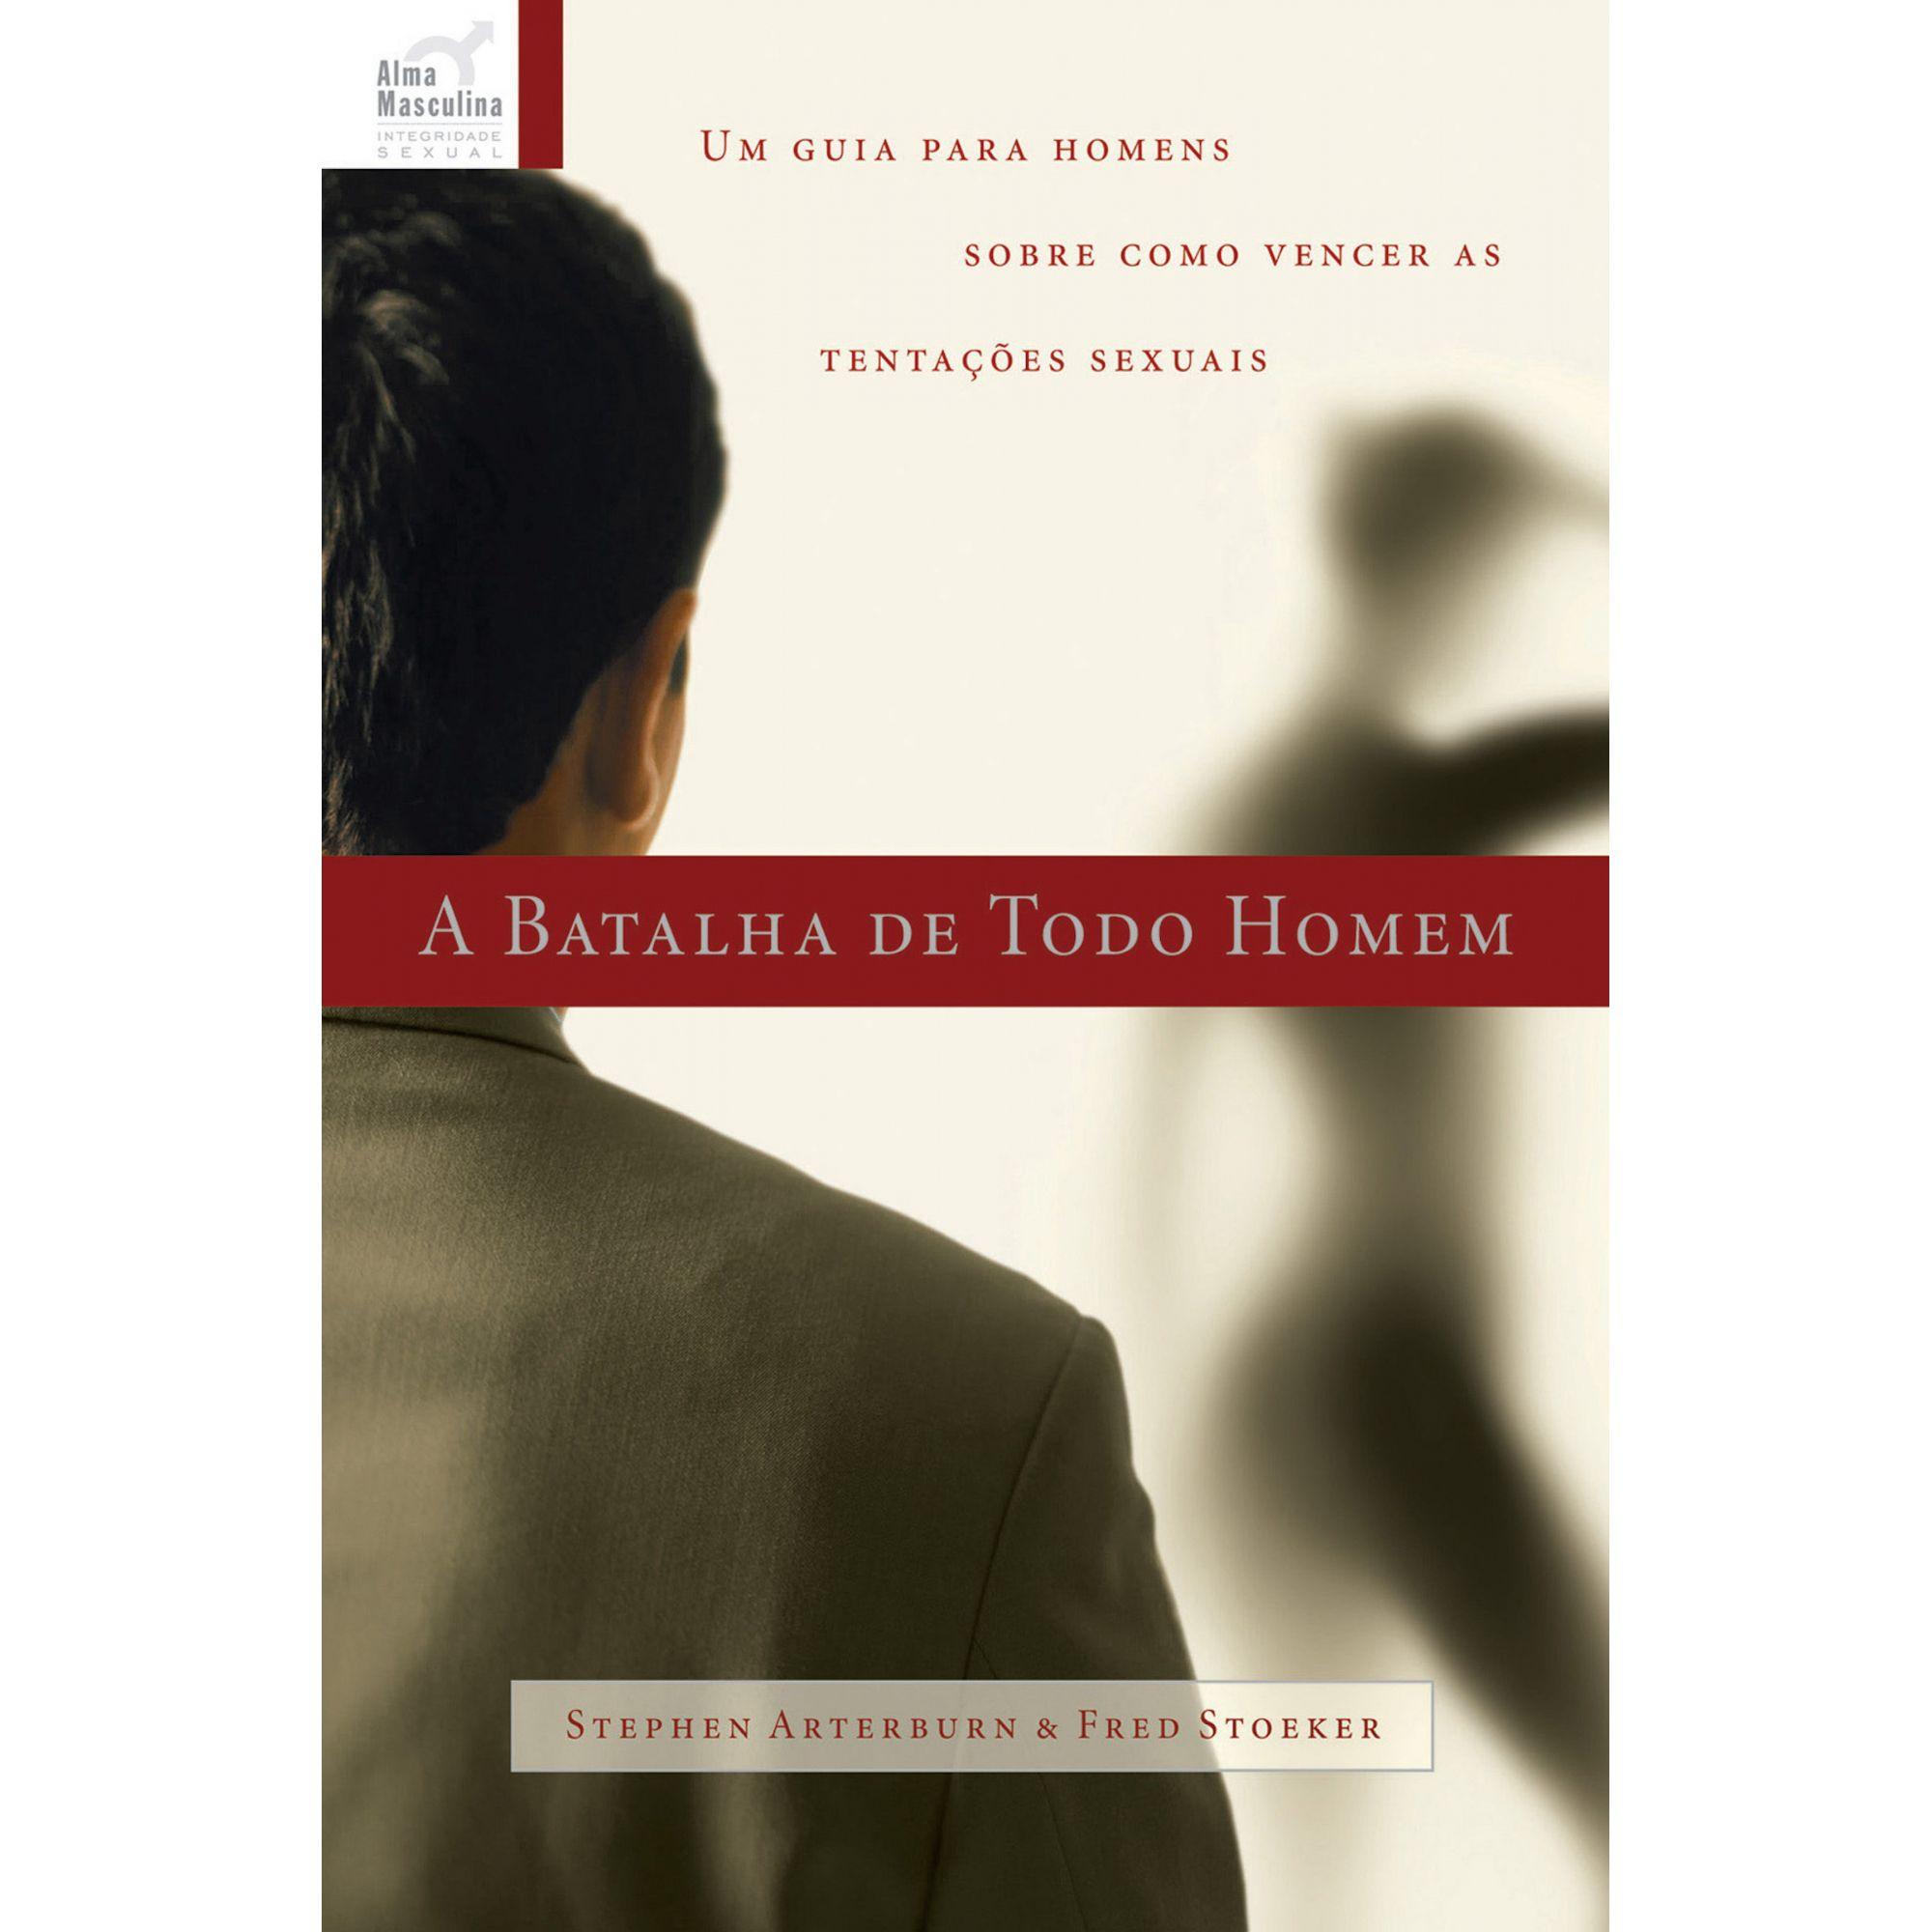 Livro - A Batalha de todo homem  - PAROLE EDITORA